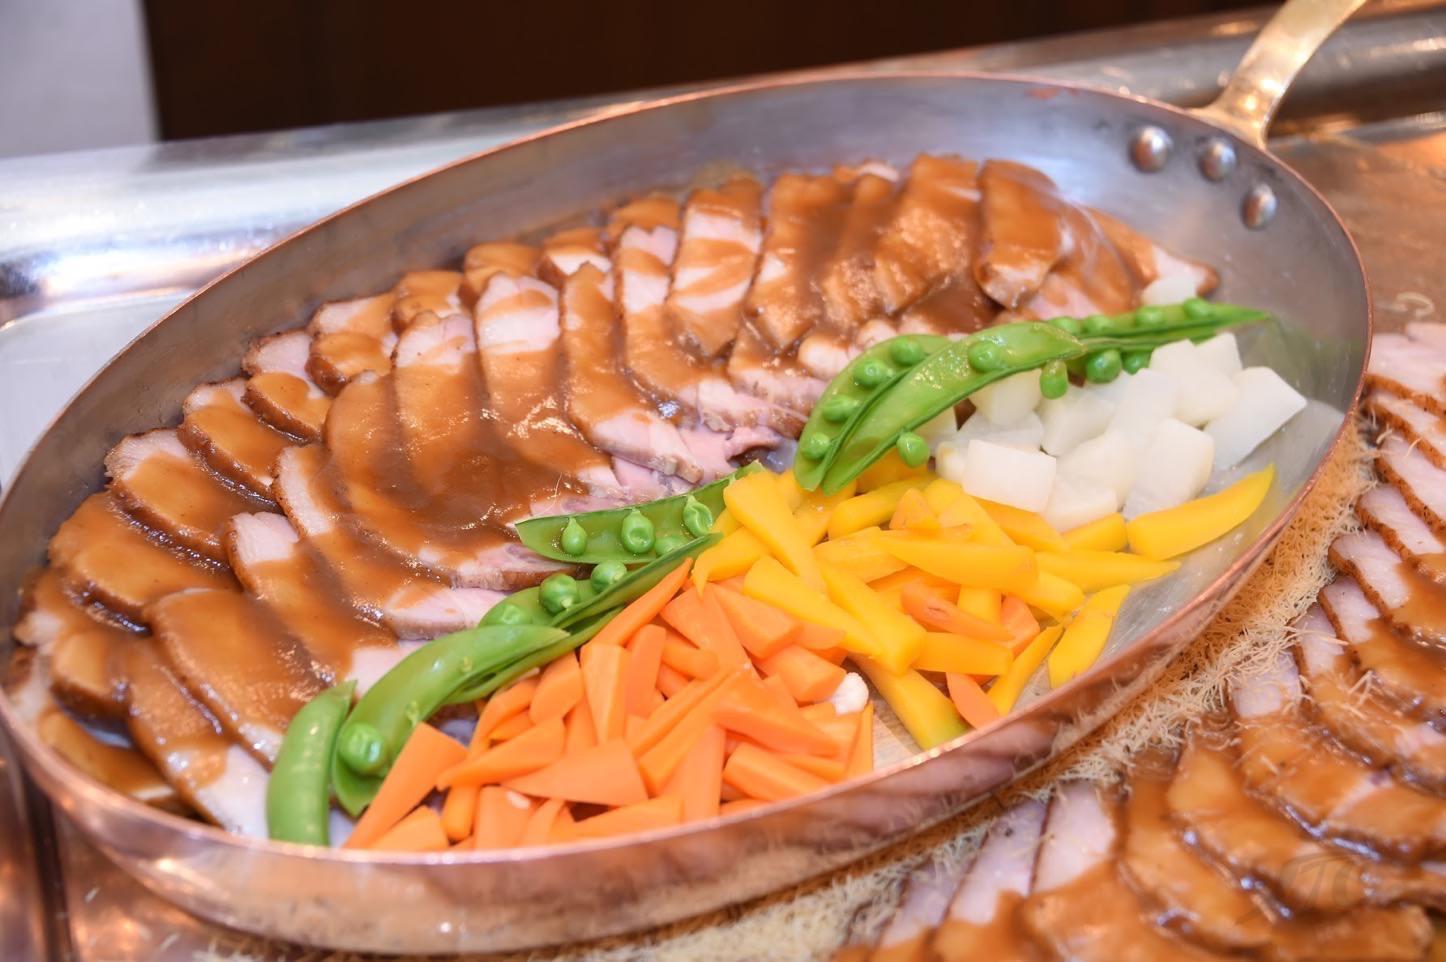 Hanzoya-Wedding-GoriMeYomeMe-JTC21-11.JPG